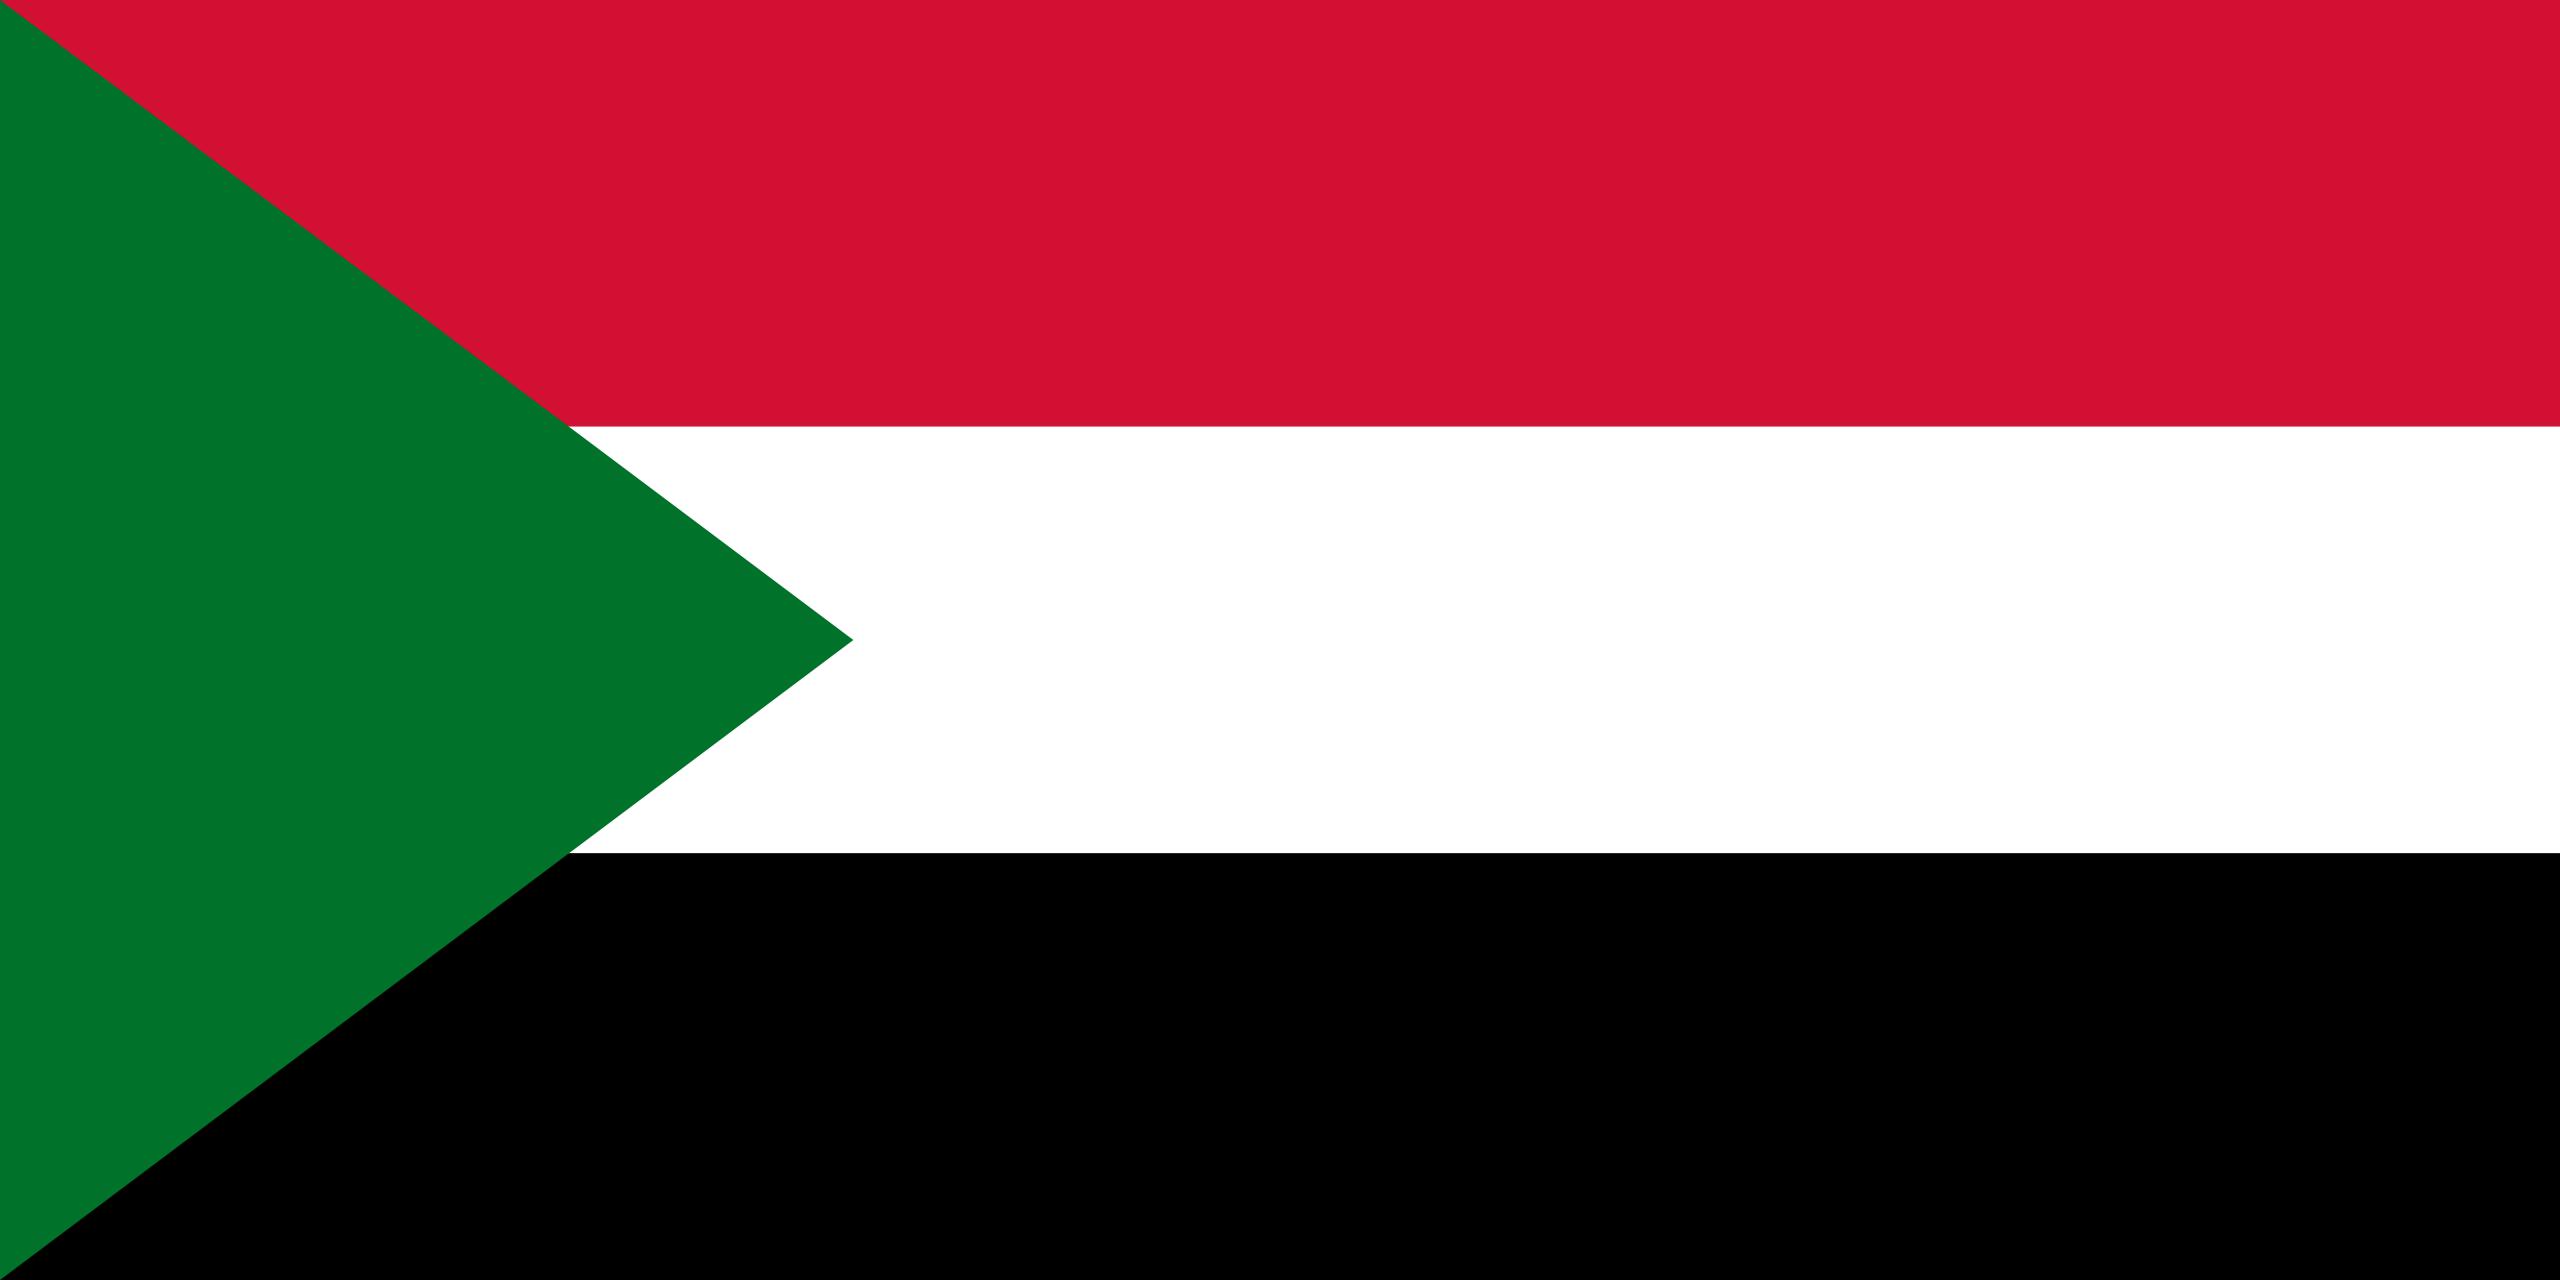 Soudan, pays, emblème, logo, symbole - Fonds d'écran HD - Professor-falken.com